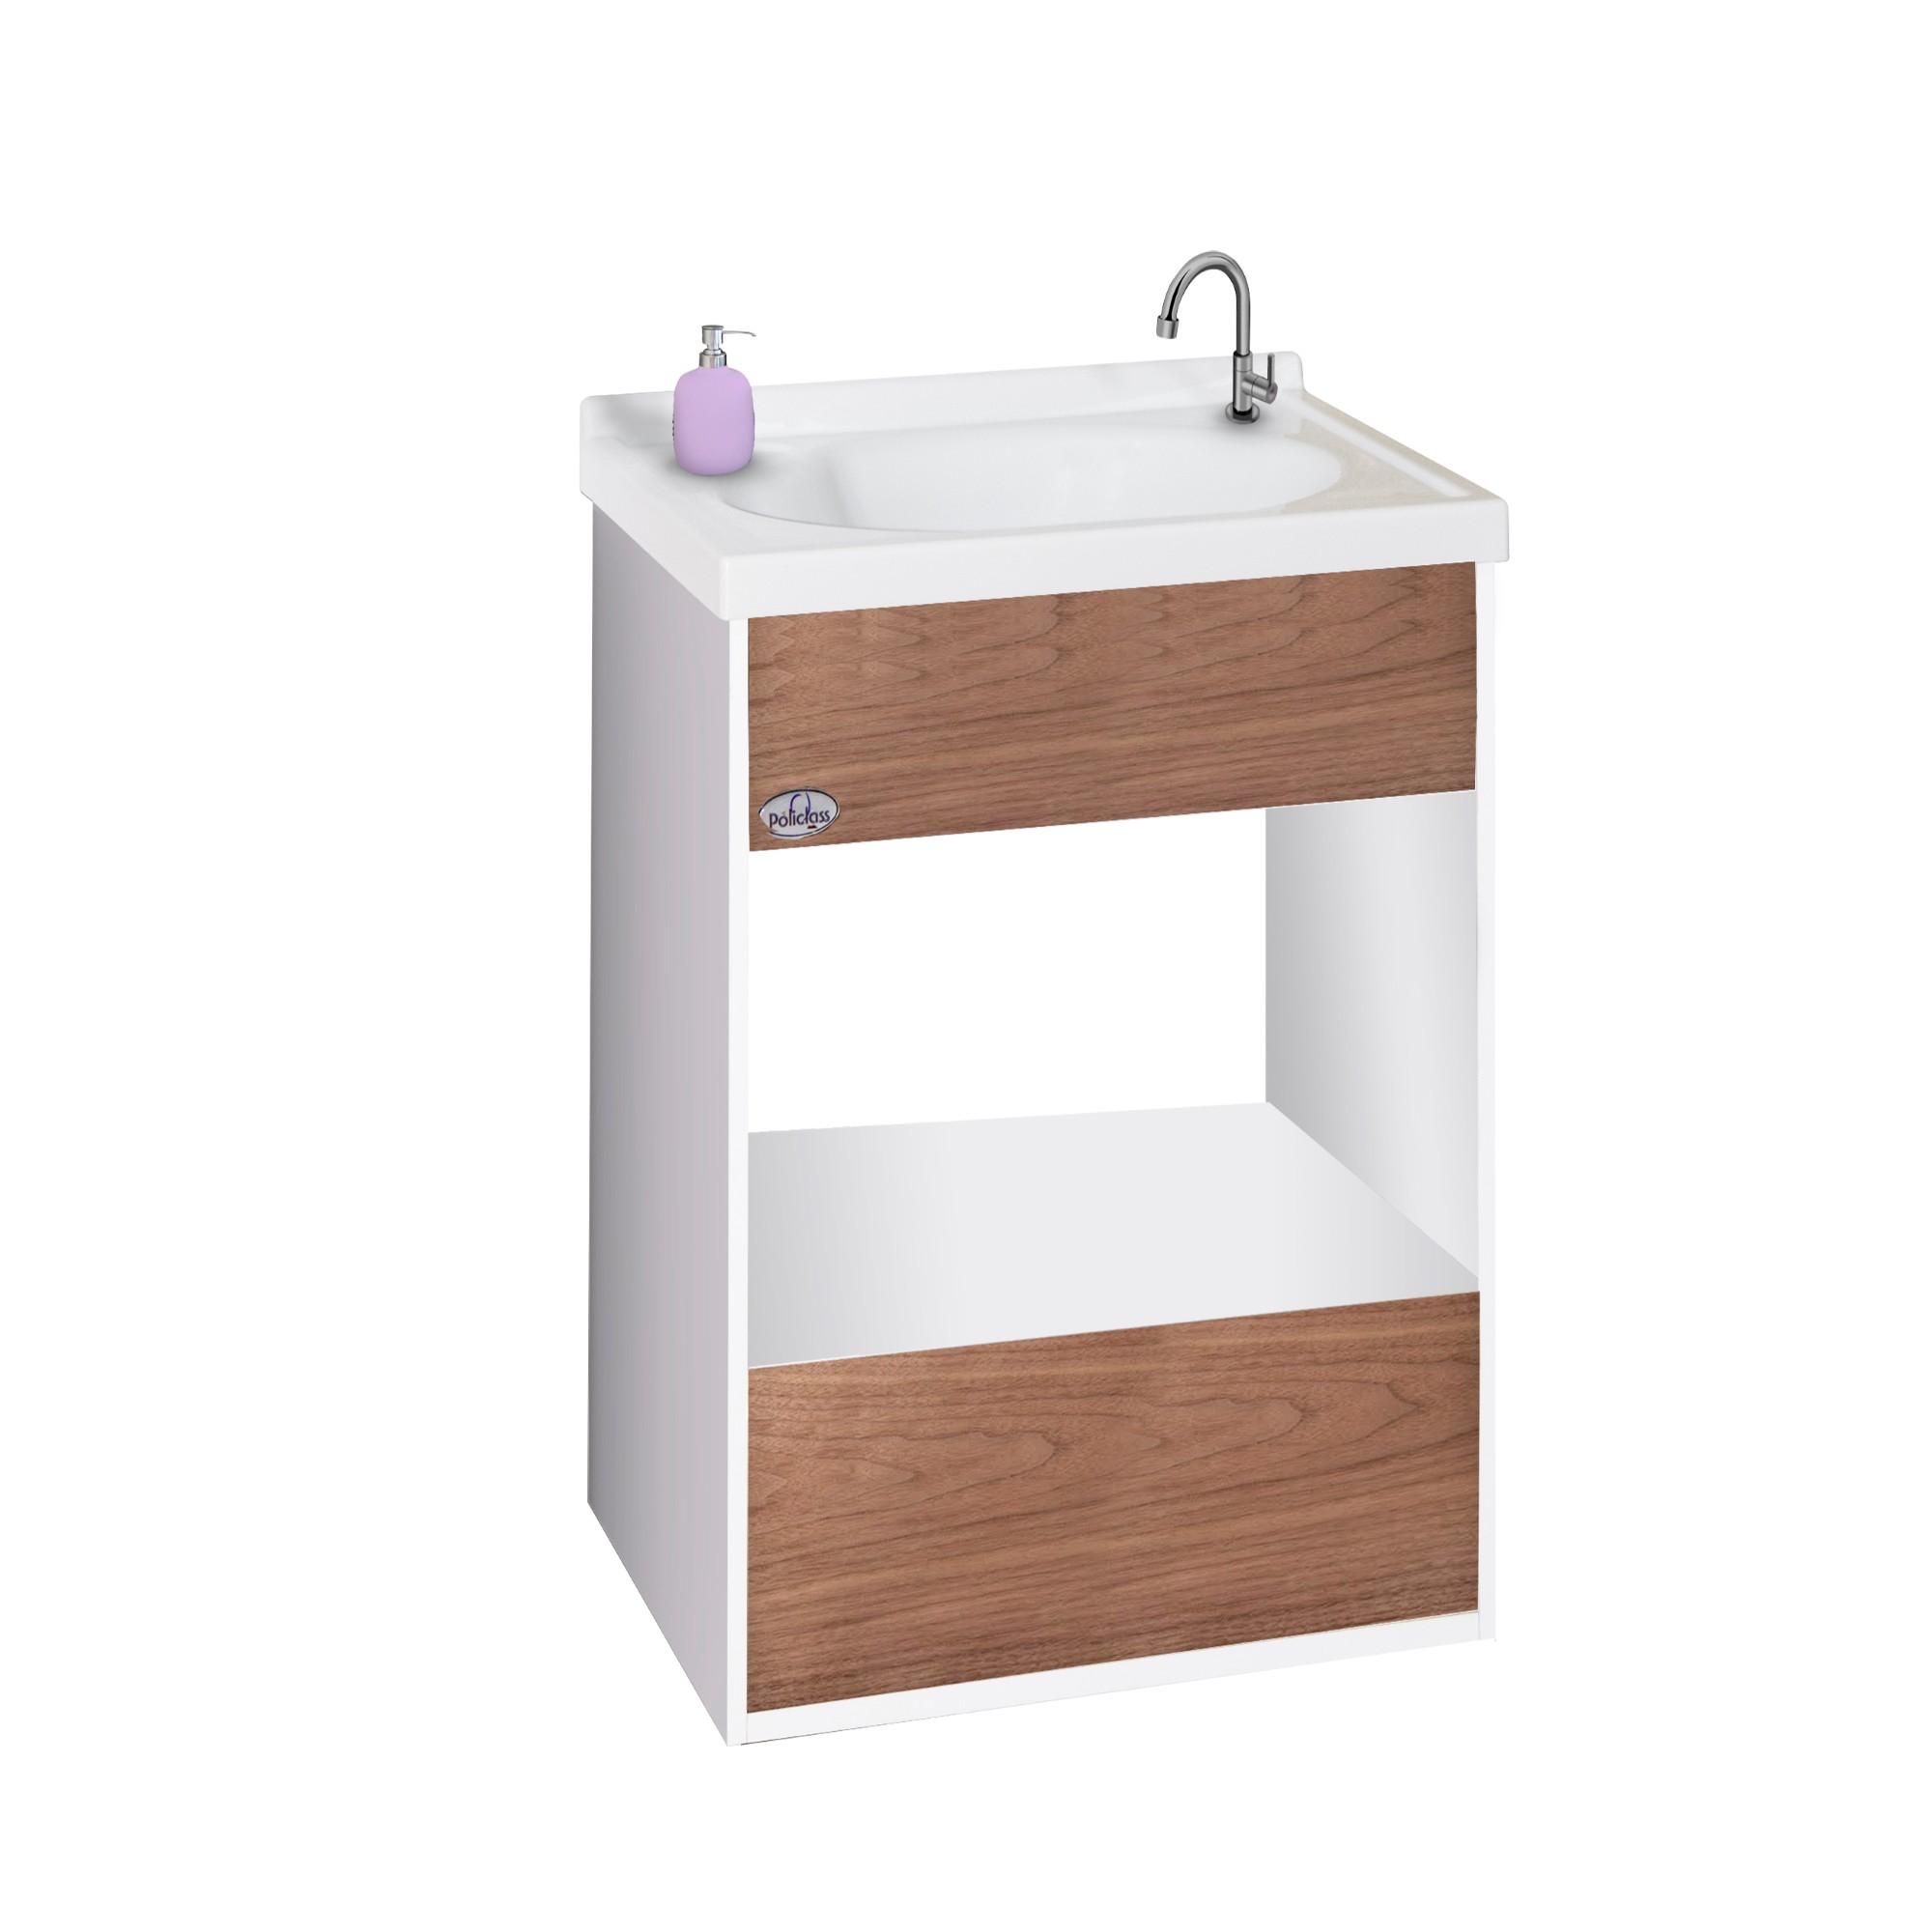 Gabinete para Banheiro 56x385cm Delicato Pop 114010426 - Policlass